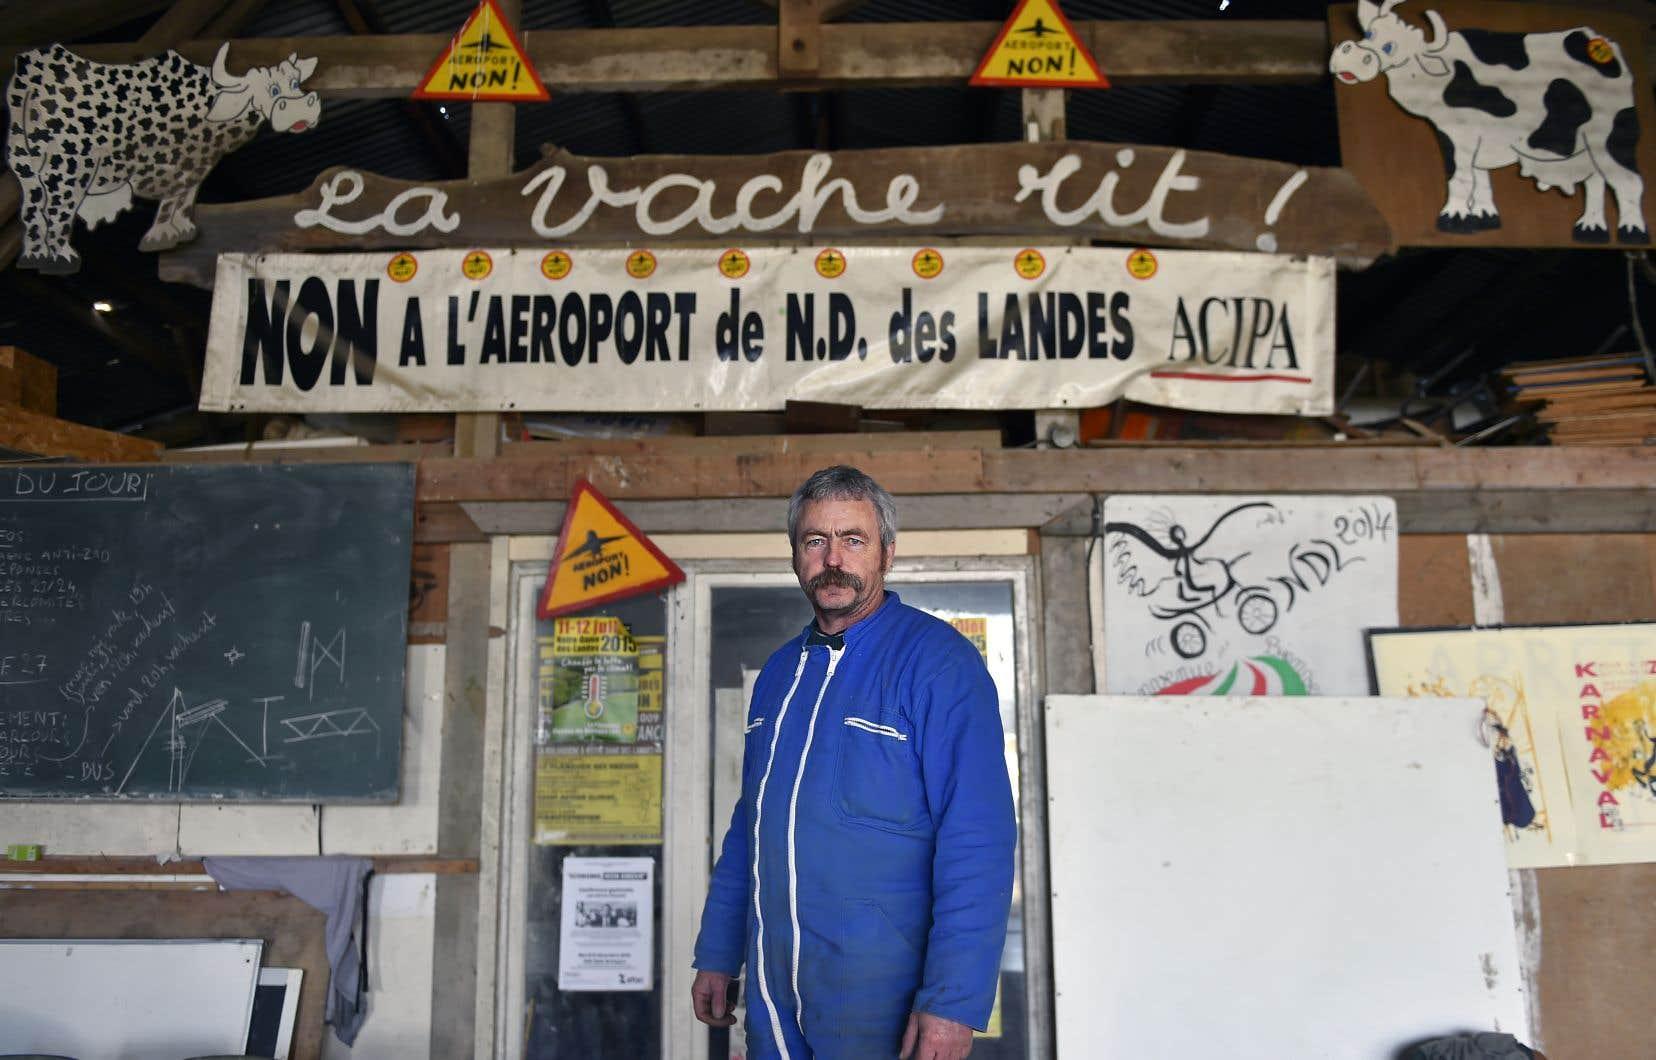 Sylvain Fresneau, 56ans, fait partie des cinq derniers agriculteurs qui ont refusé d'obtempérer aux ordres d'expulsion de la multinationale Vinci, à qui l'aéroport a été donné en concession.